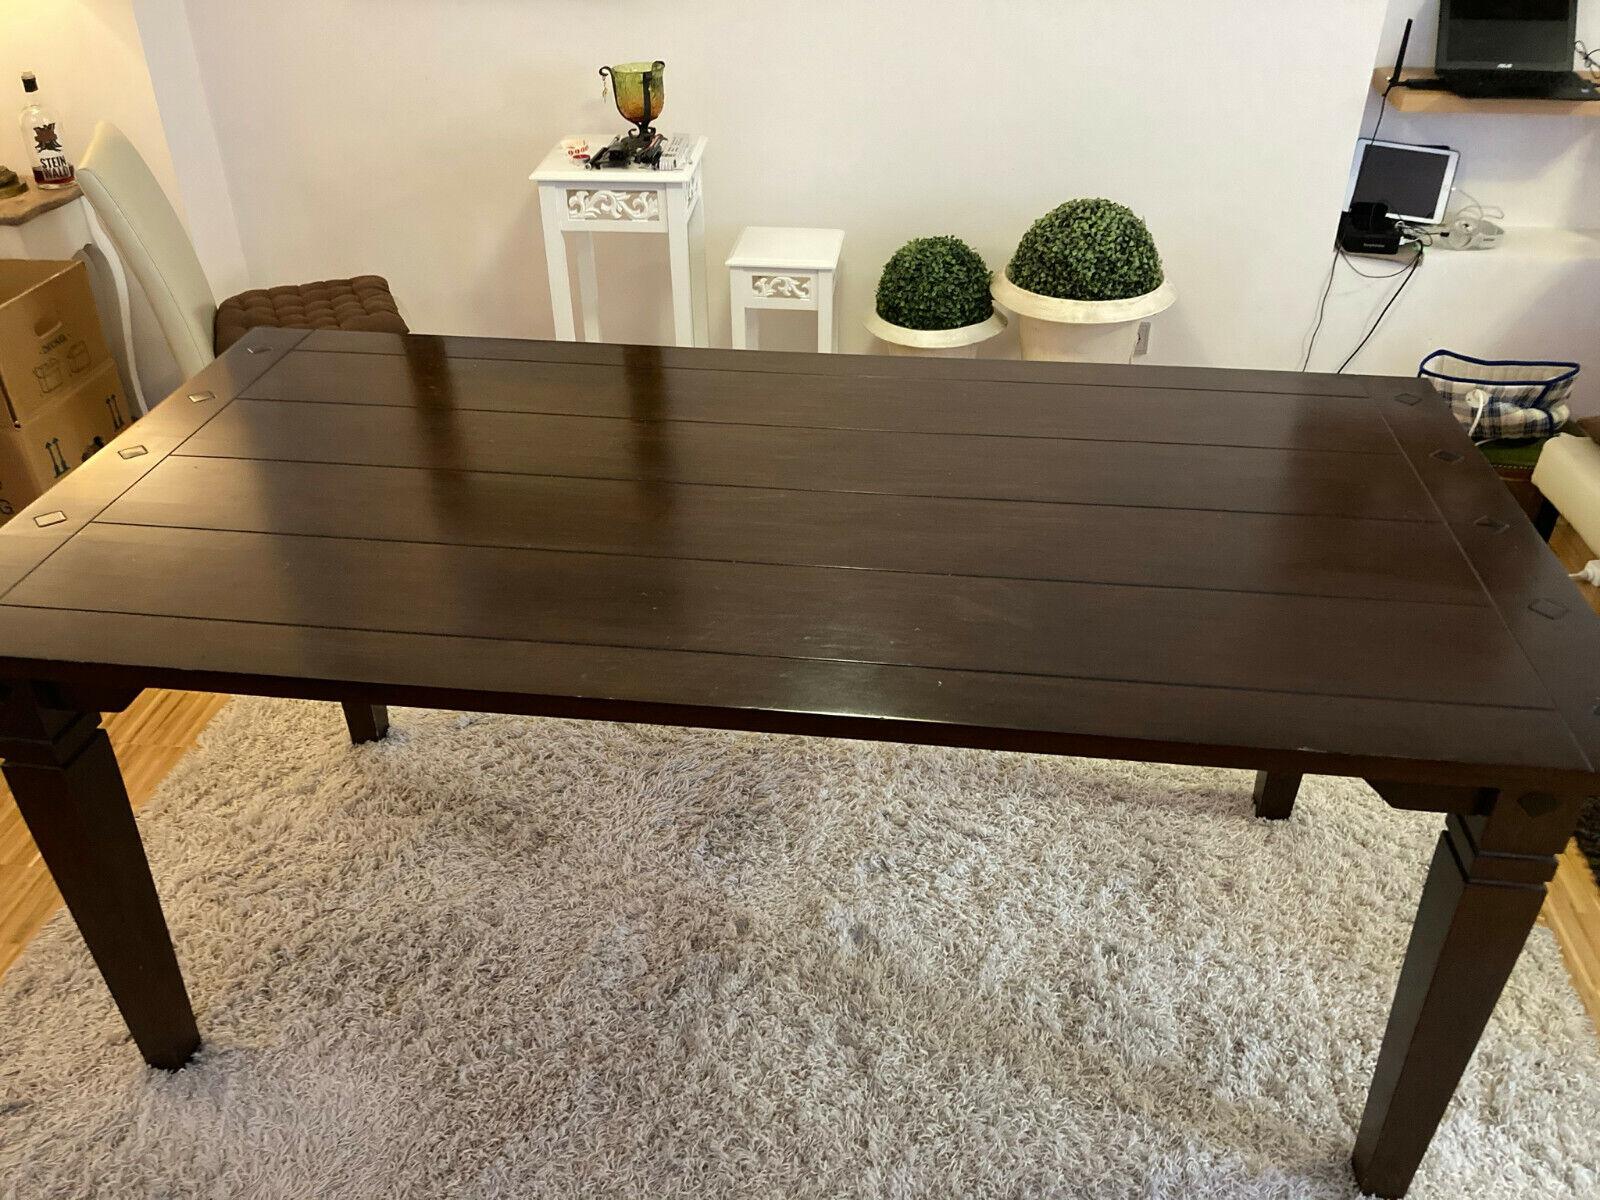 Wohnzimmertisch Esstisch braun lackiert Echtholz 180 x 90 cm erweiterbar